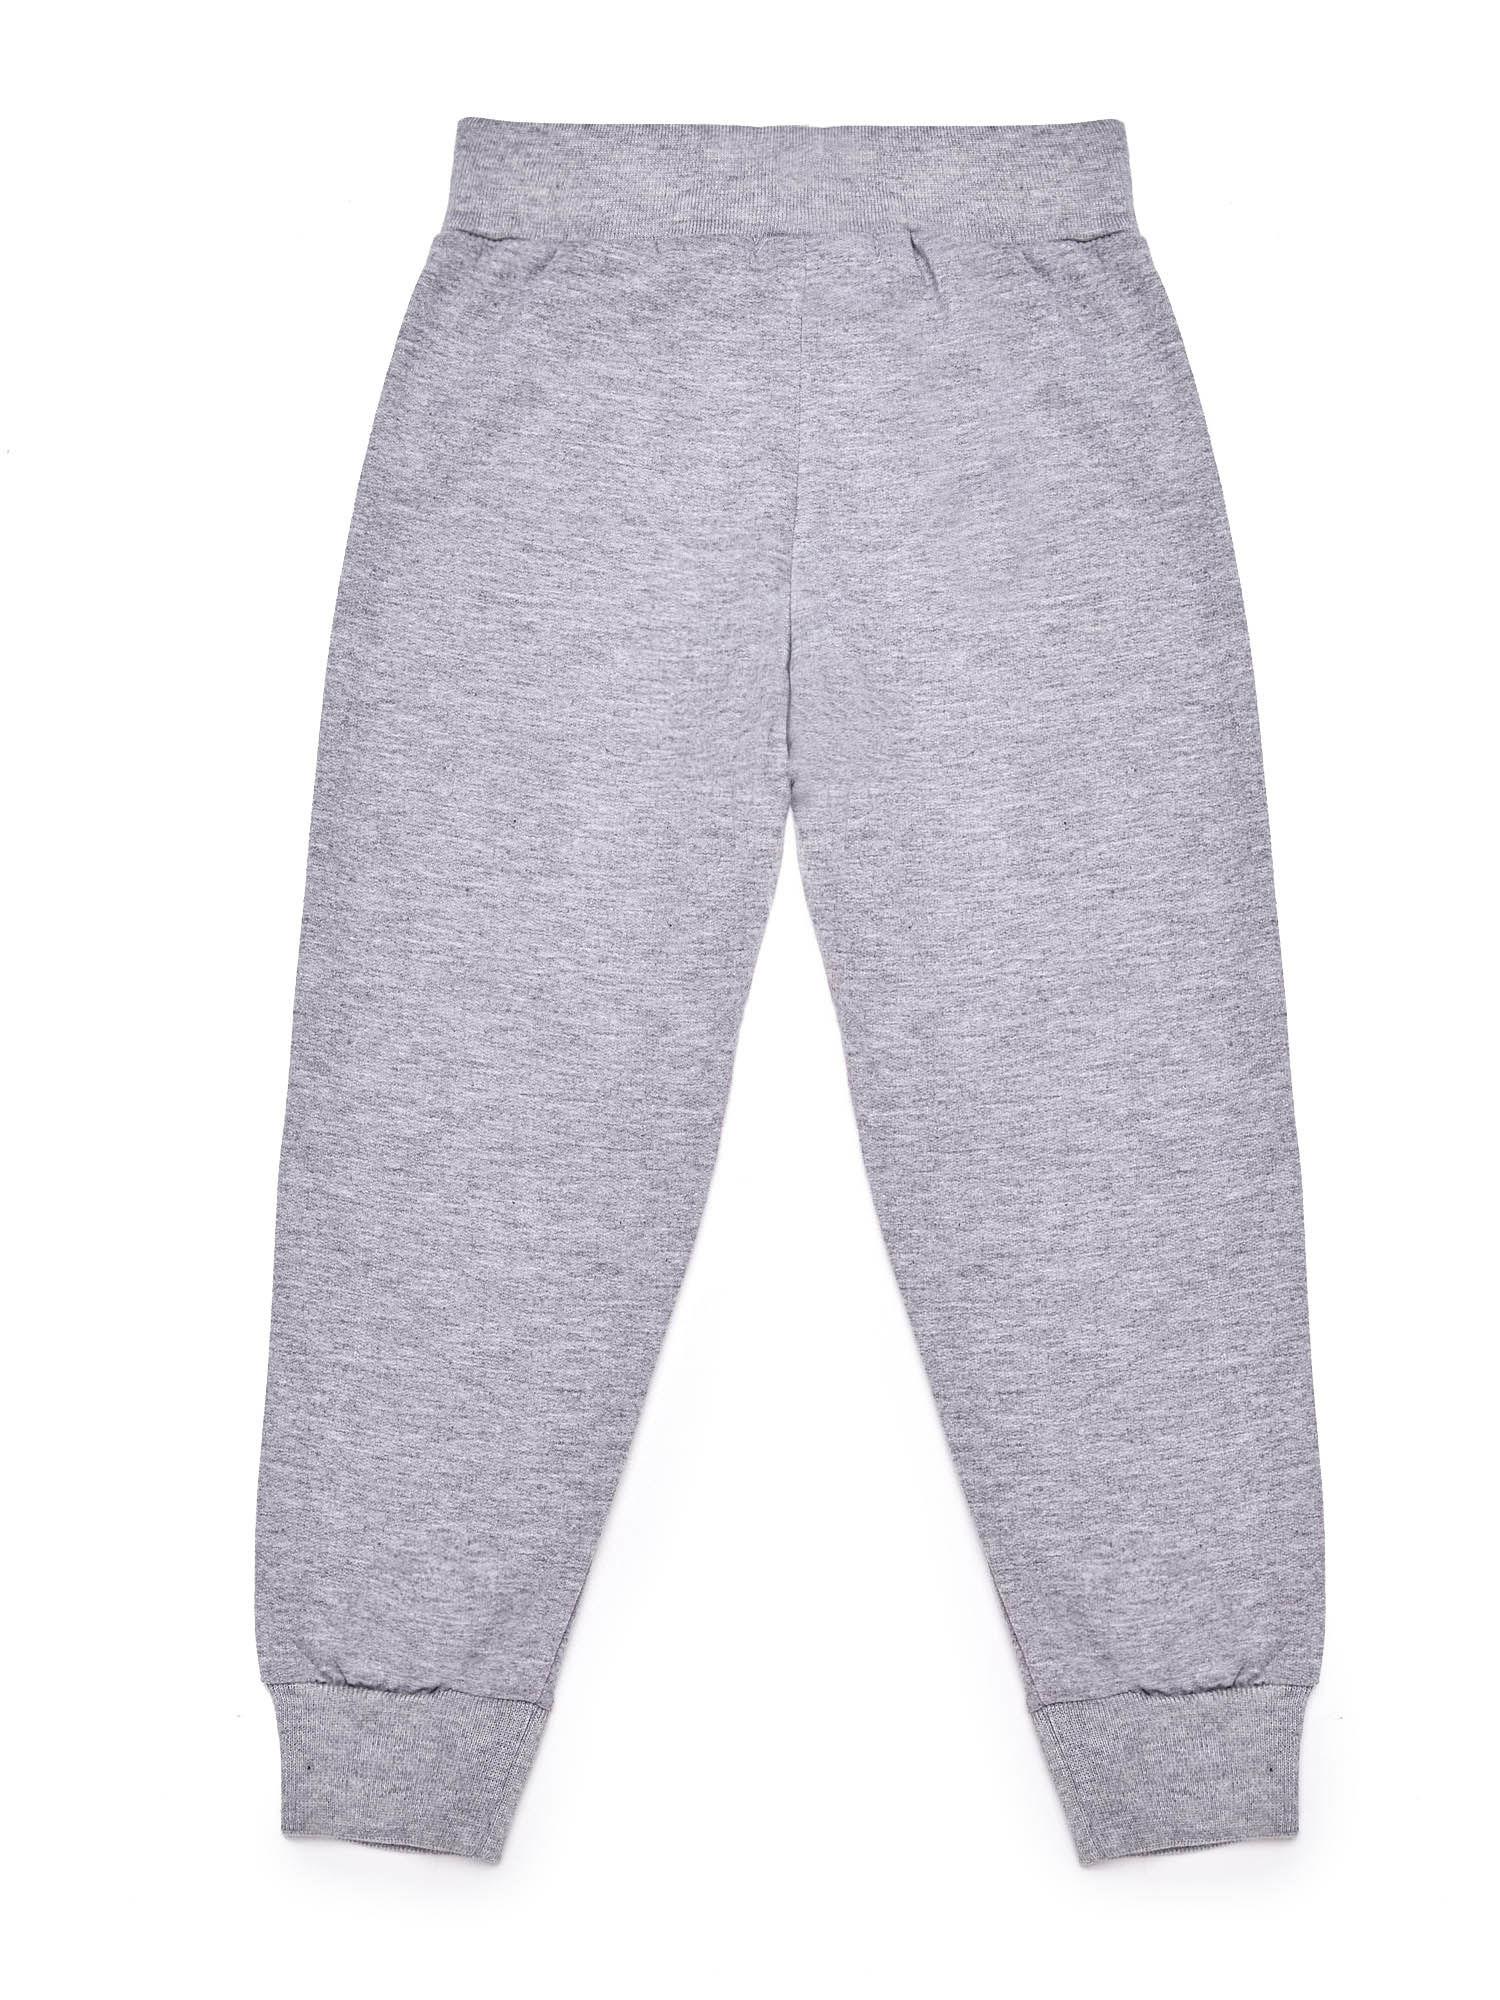 Szare chłopięce spodnie dresowe z napisem moro